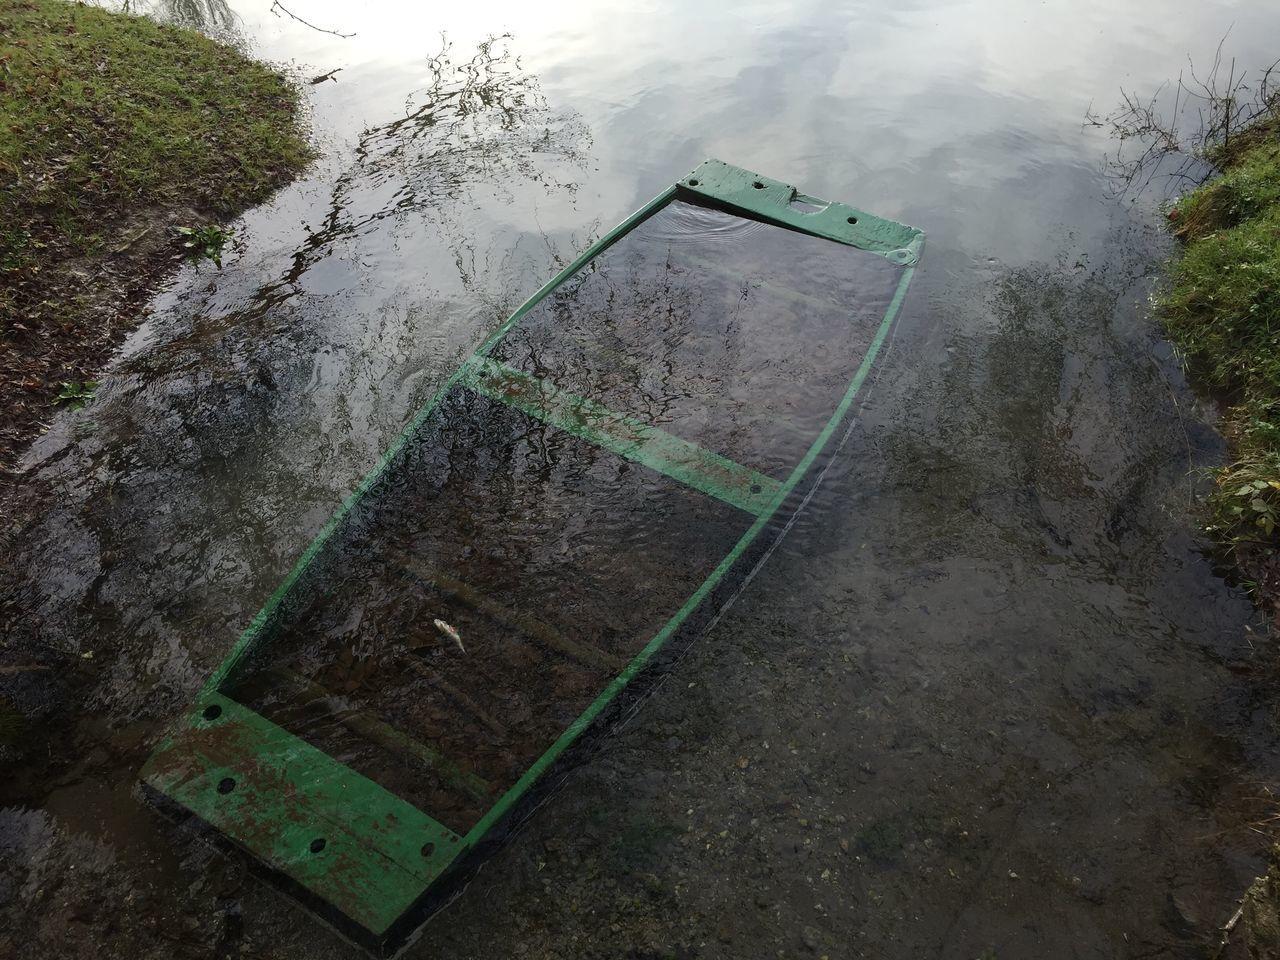 Débarquement immédiat ! 🏊🏼🚣🏻🏊🏼🚣🏻😃🛀🏻 Randonnées Nature Au Bord De L'eau Charente France Balade Sur Les Chemins Bateau Boat